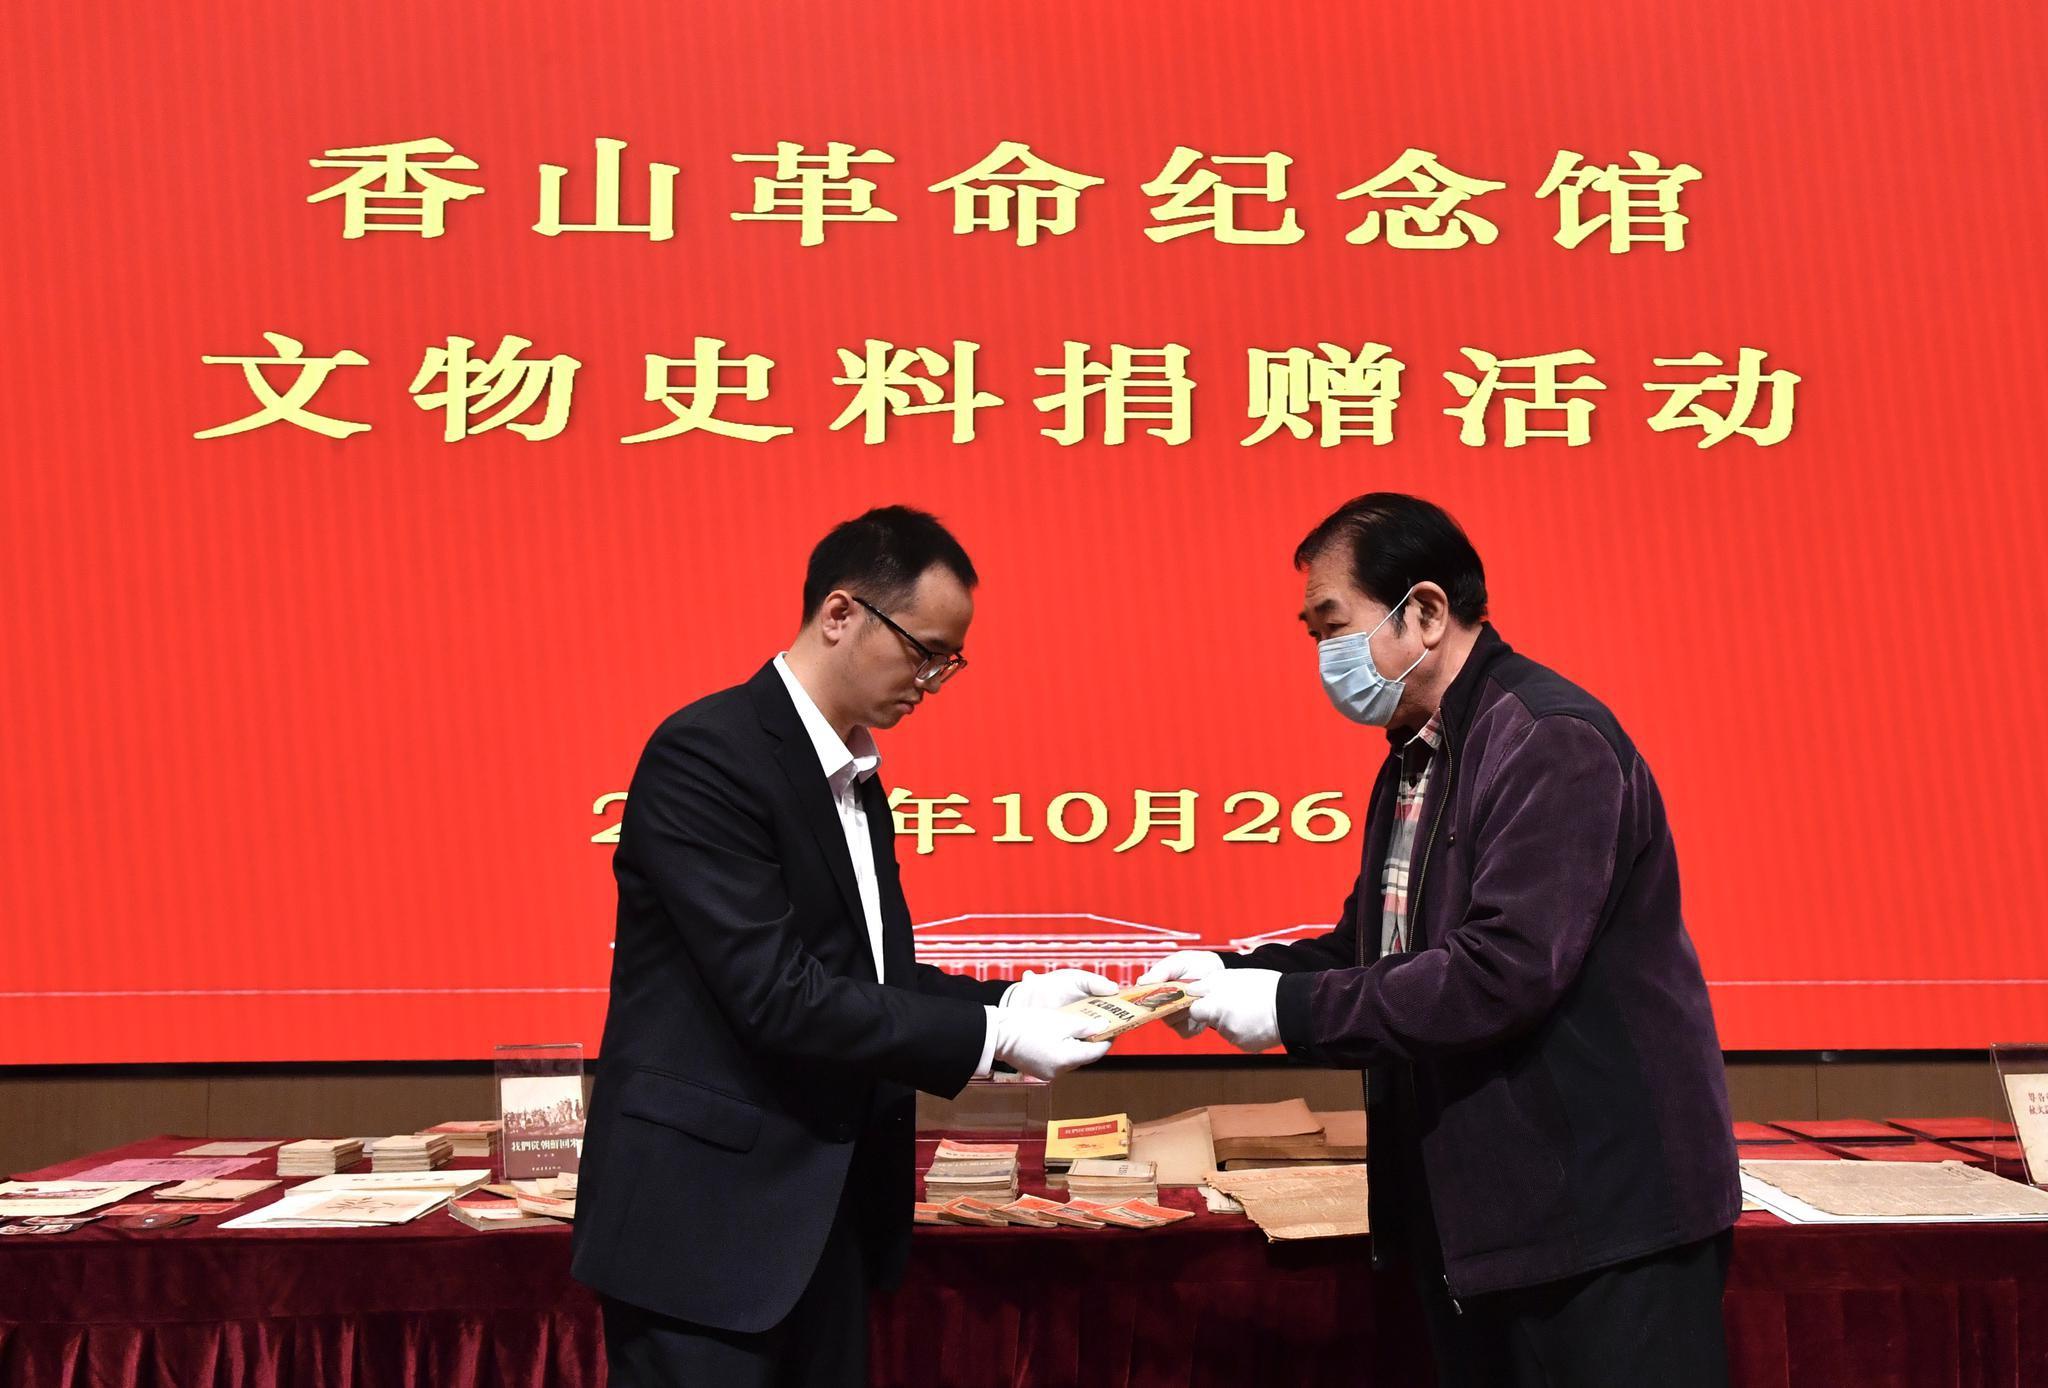 696余件(套)革命文物史料入藏香山革命纪念馆图片